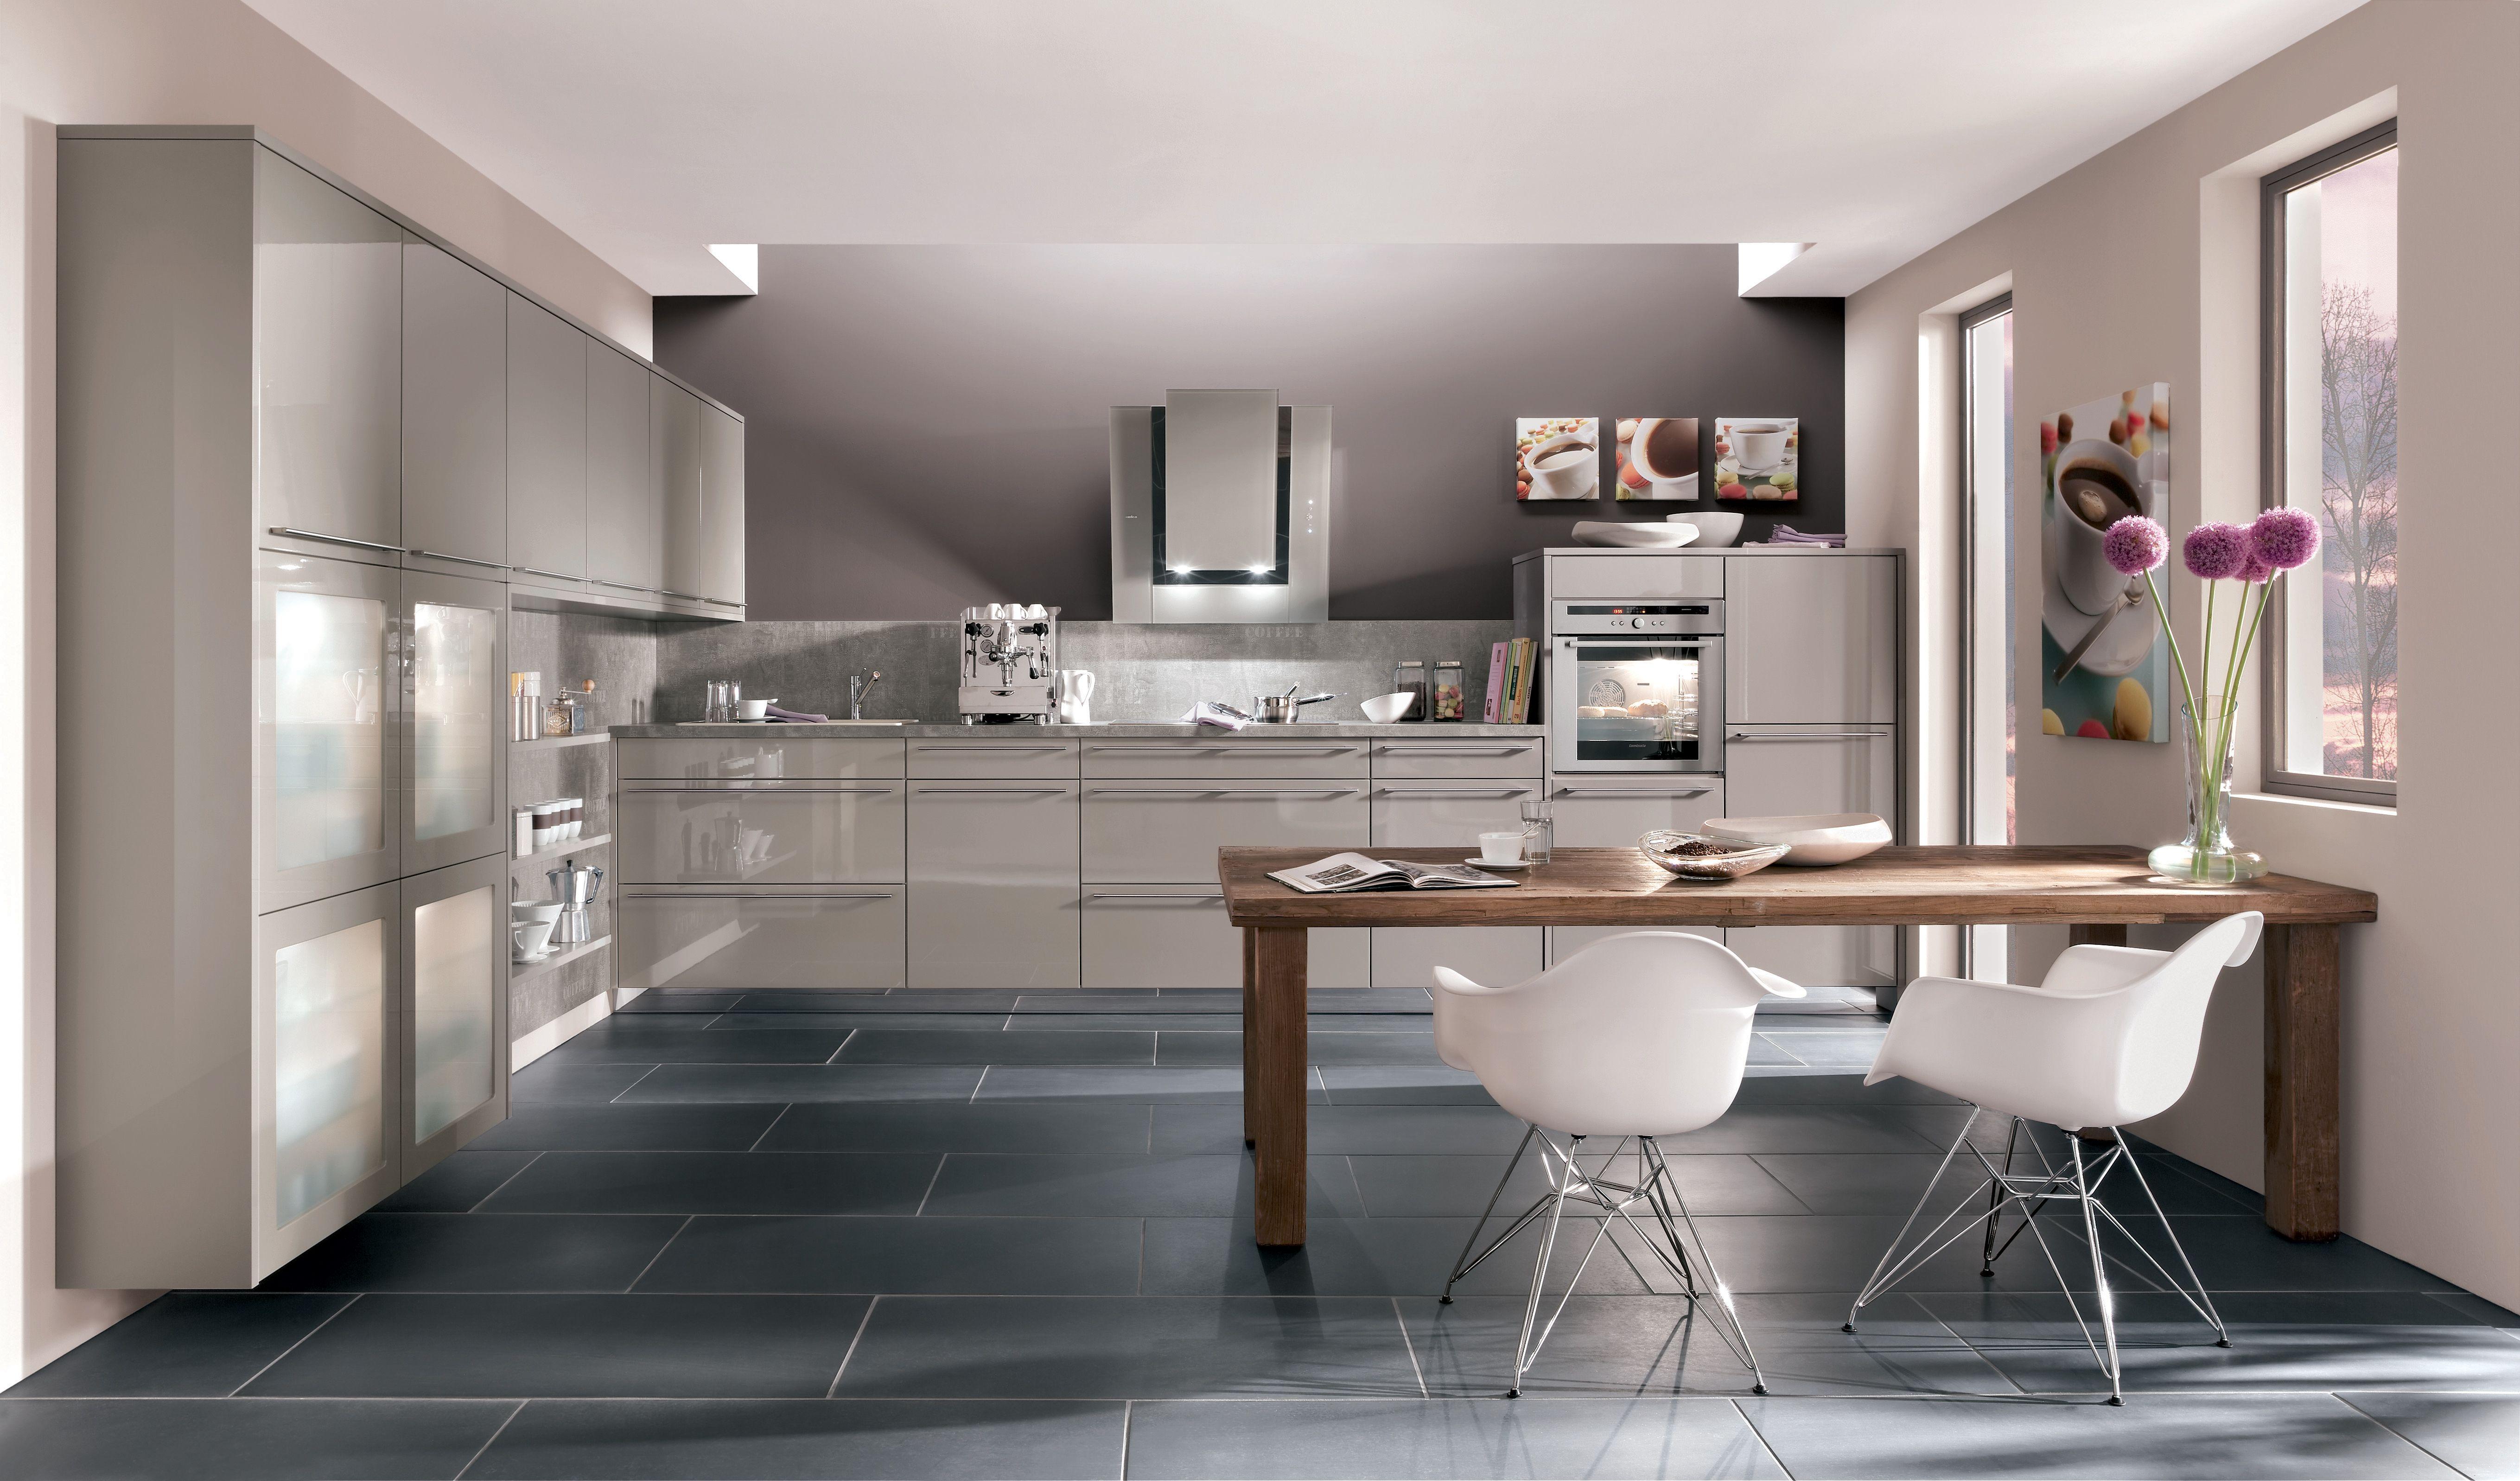 cuisine en l gris beige laquee cuisineaviva sejour cuisine cuisine aviva idees cuisine